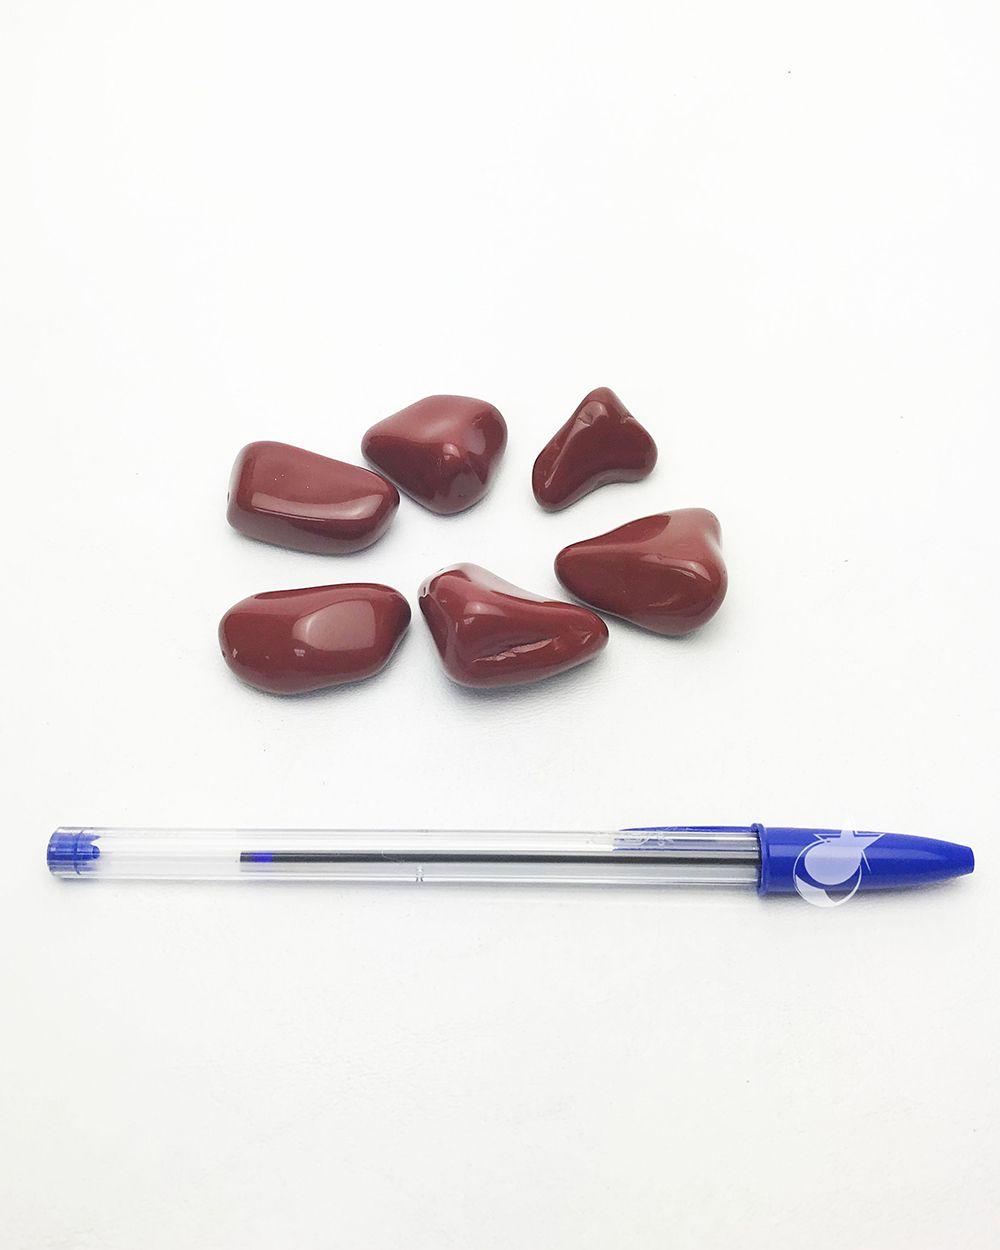 JASPE VERMELHO ROLADO - Pacote com 3 pedras - Total 45  a 50g